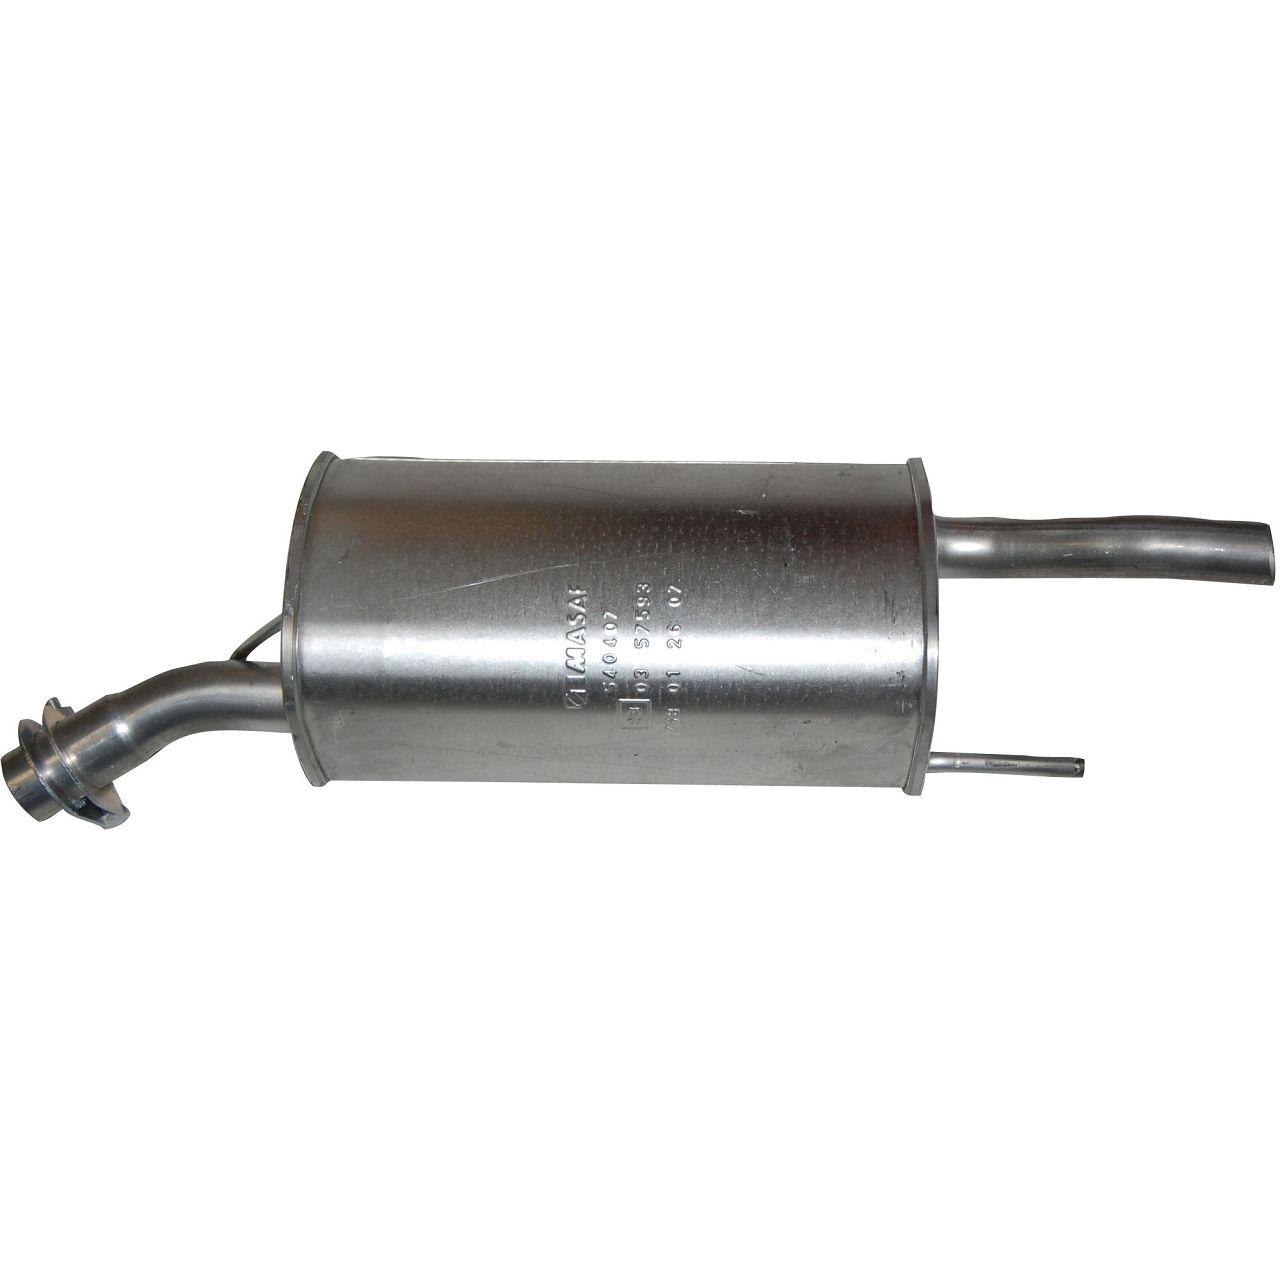 IMASAF Schalldämpfer Endschalldämpfer für OPEL CORSA B 1.0i 12V 54 PS X10XE